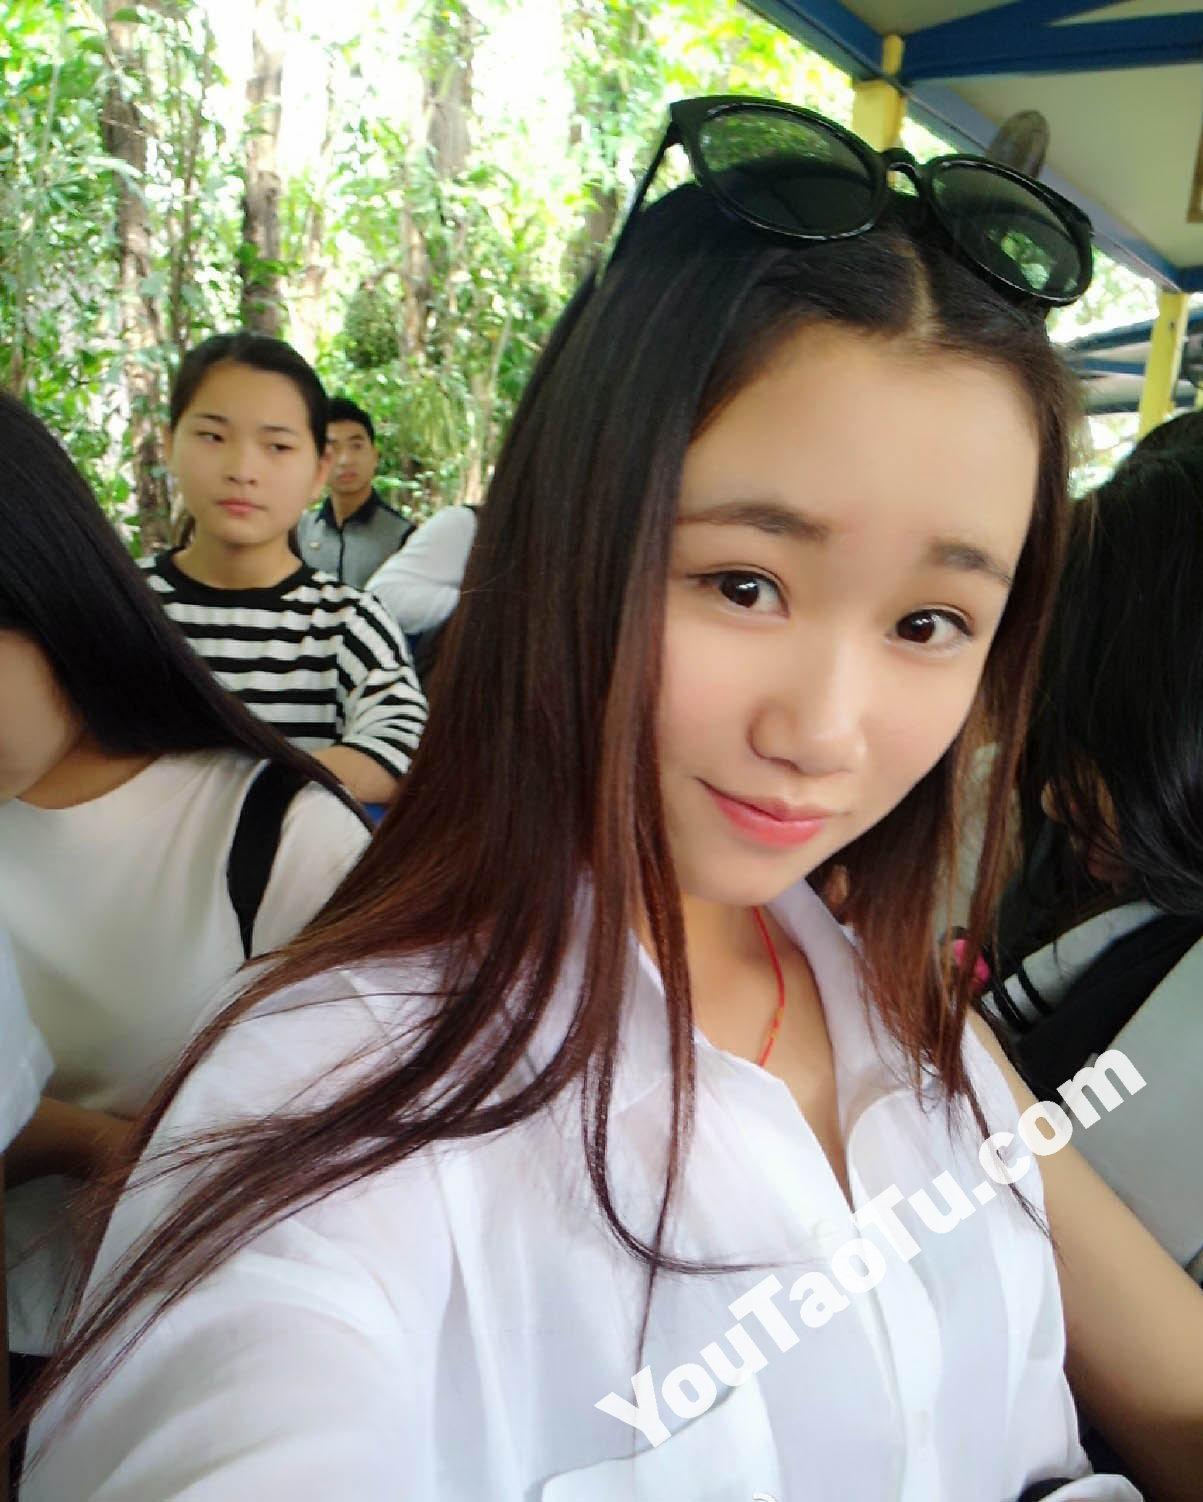 KK75_106张 超真实美女朋友圈生活照素材-3